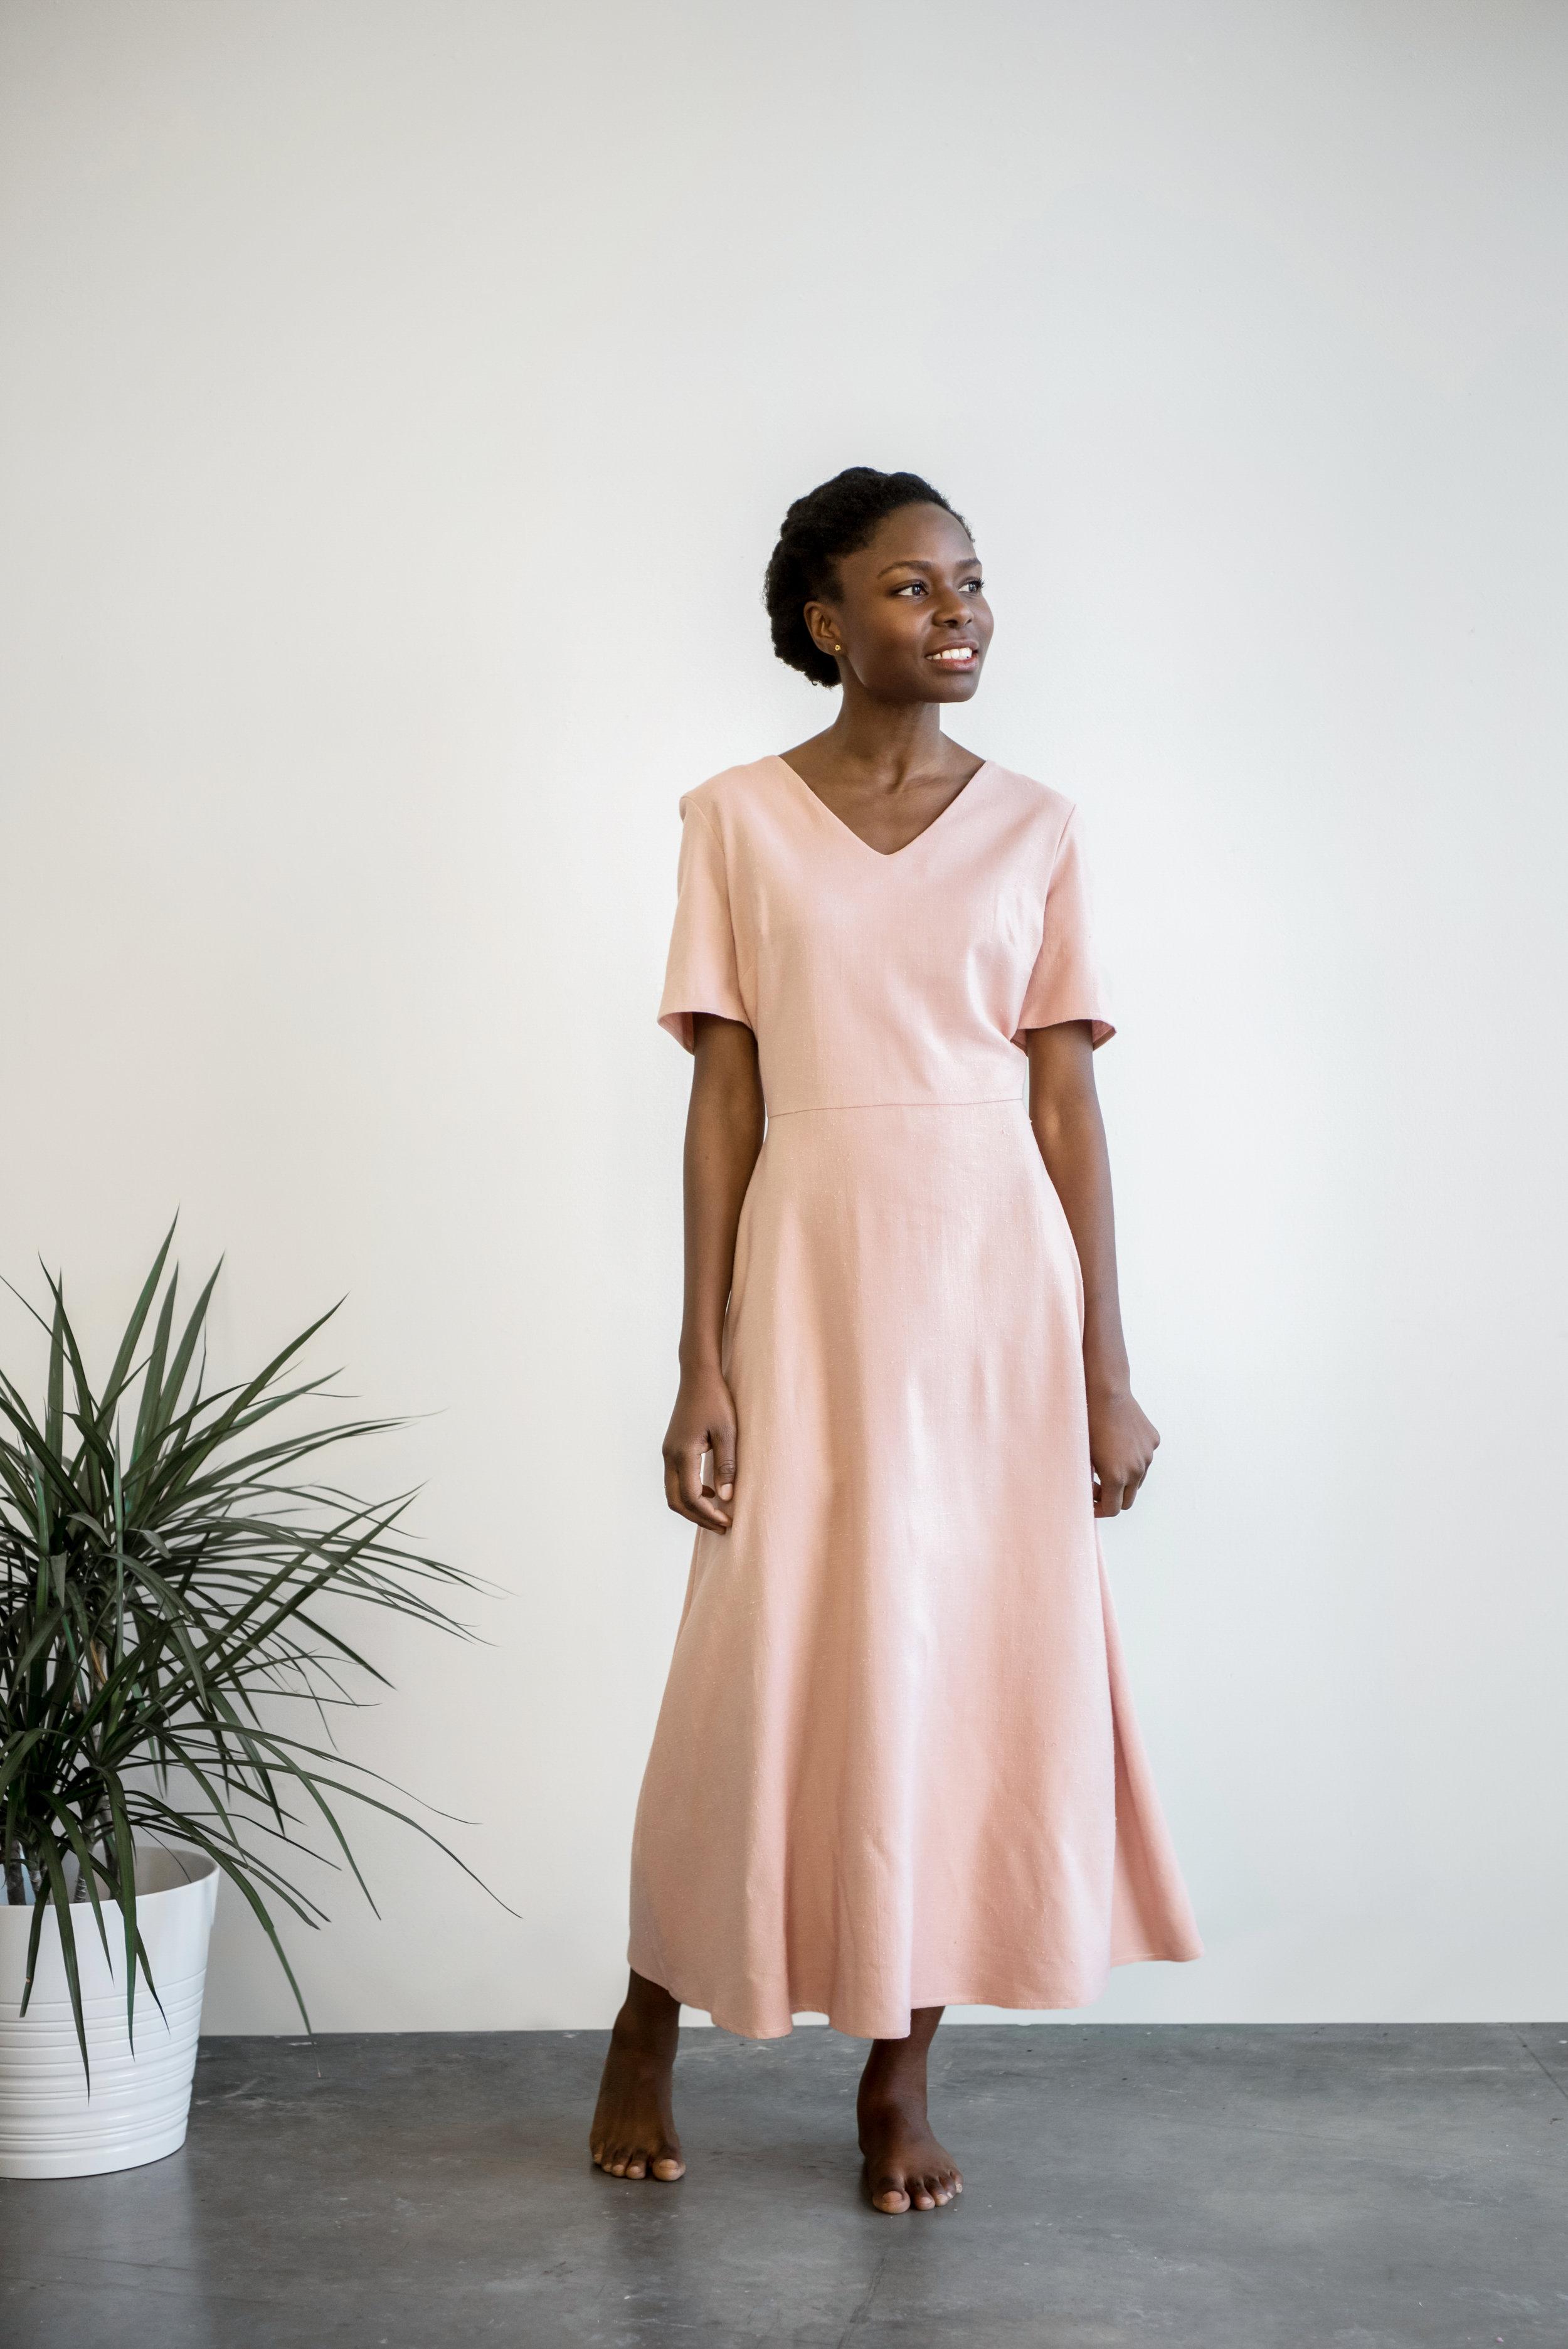 Mimi Miller Womenswear